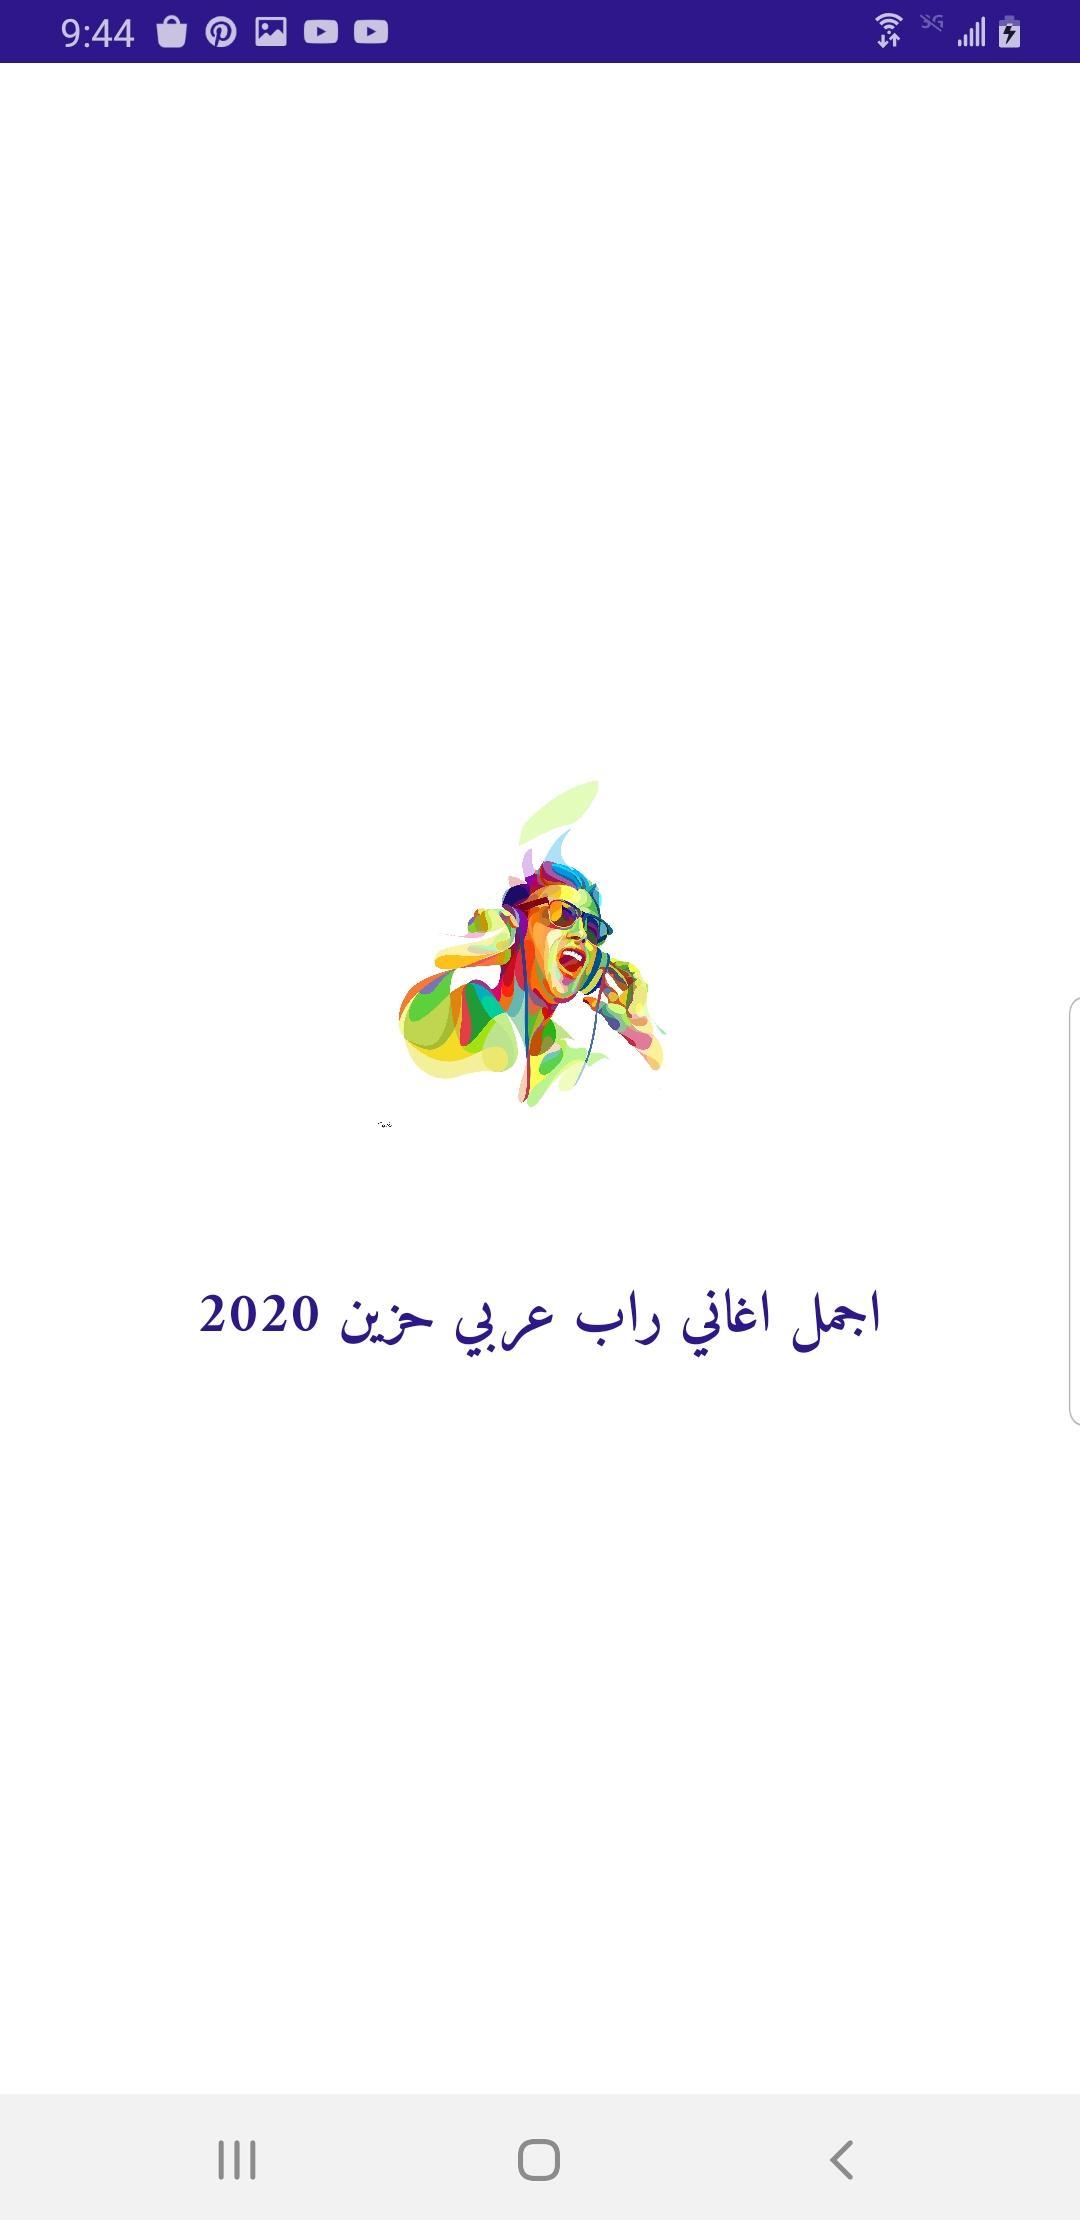 اغاني راب عربية حزينة بدون نت For Android Apk Download